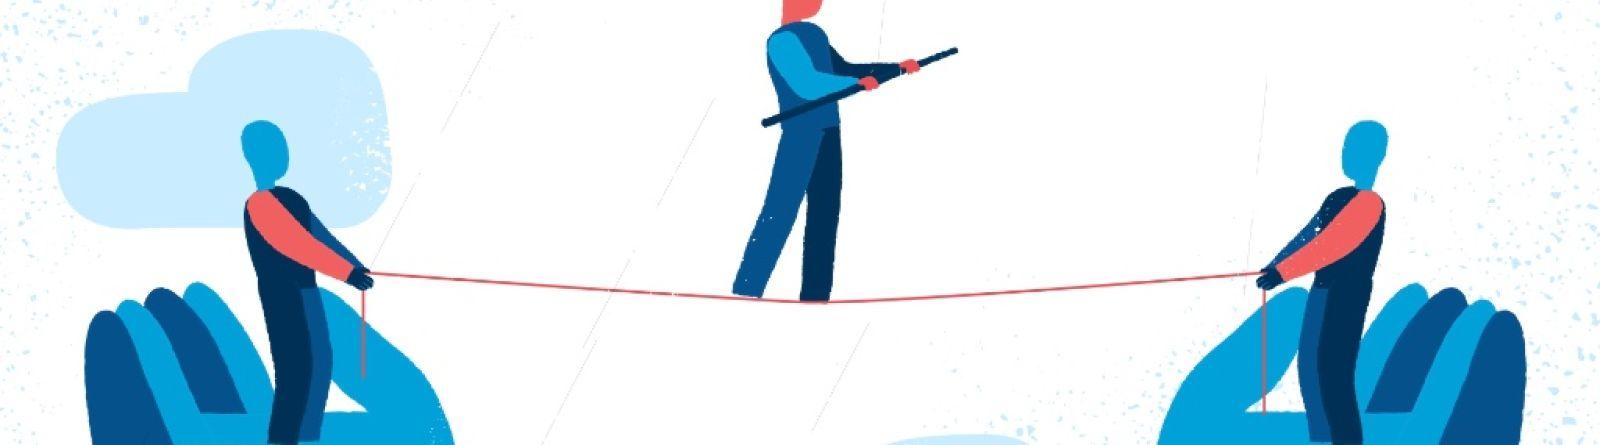 La nuova normalità e la rivalutazione dell'approccio long/short